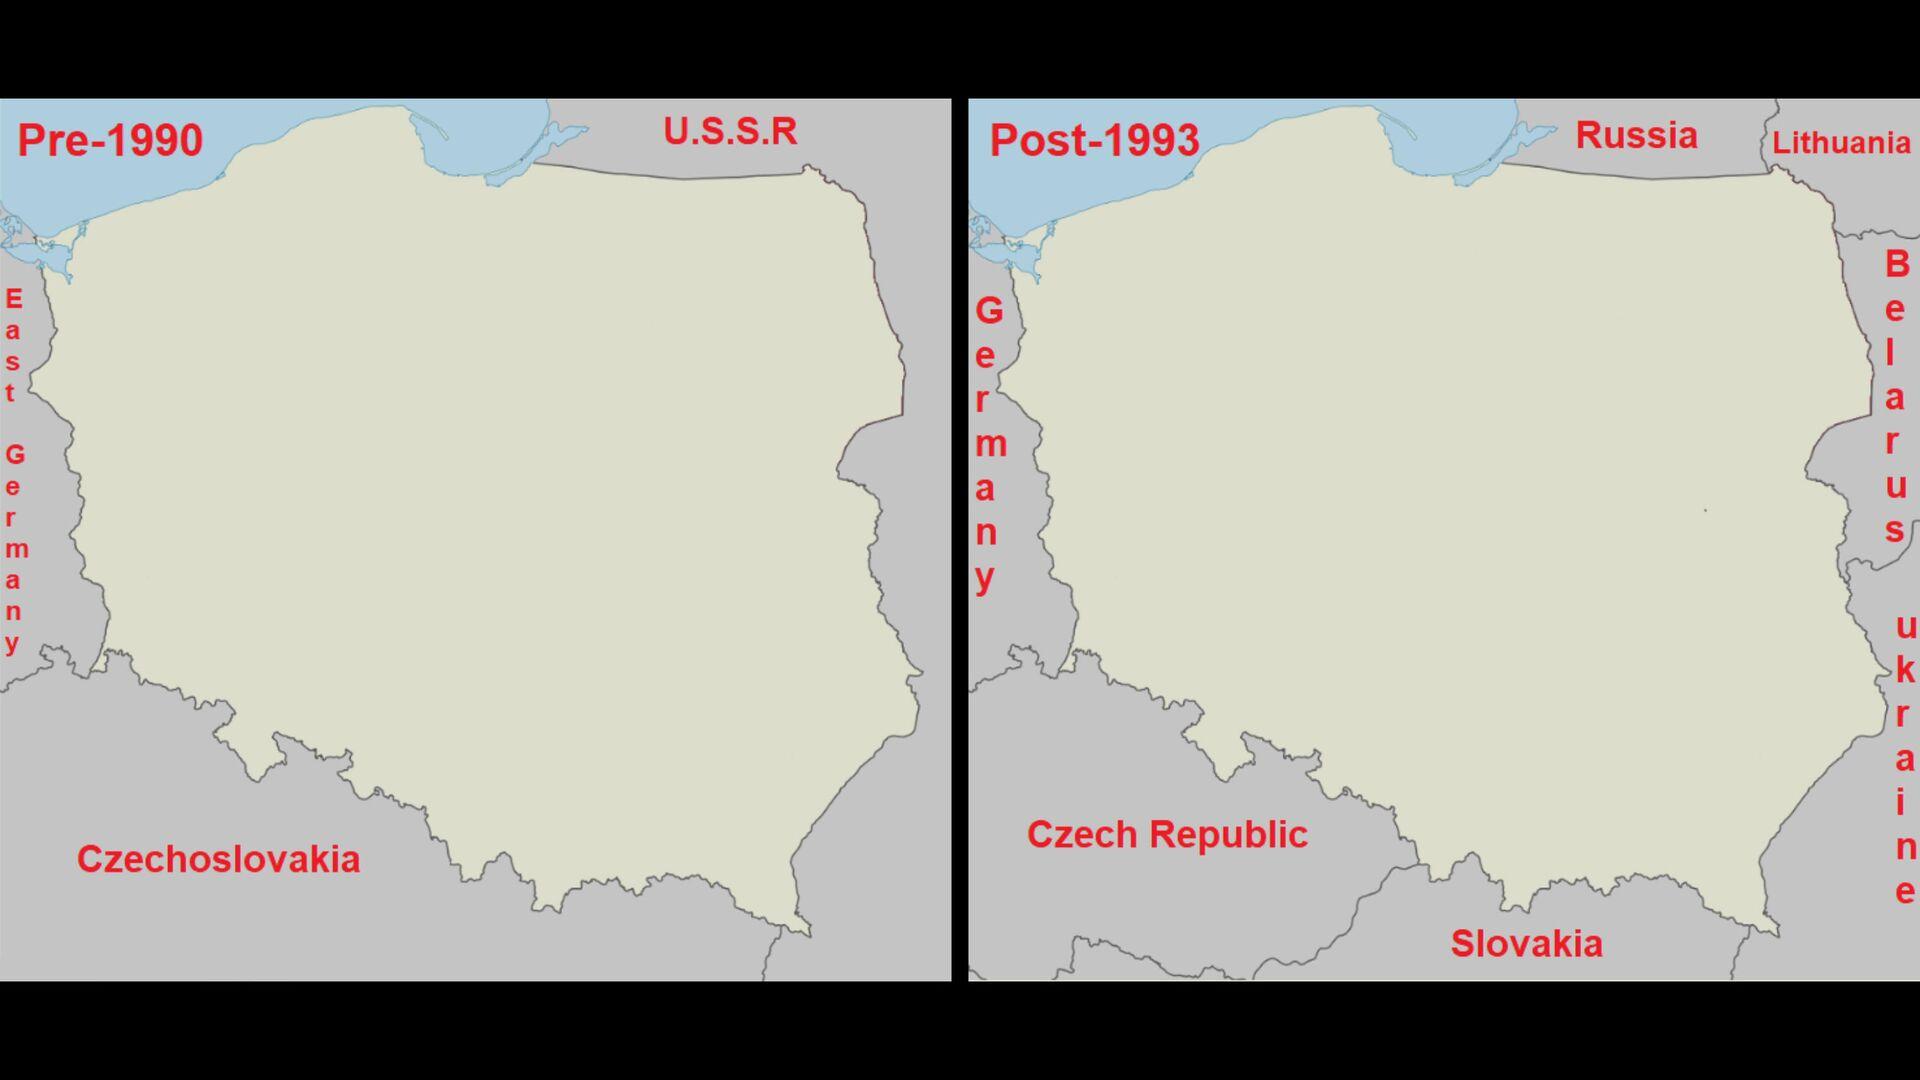 Карта Польши до 1990 и после 1993 года - ПРОФИ Новости, 1920, 15.09.2020